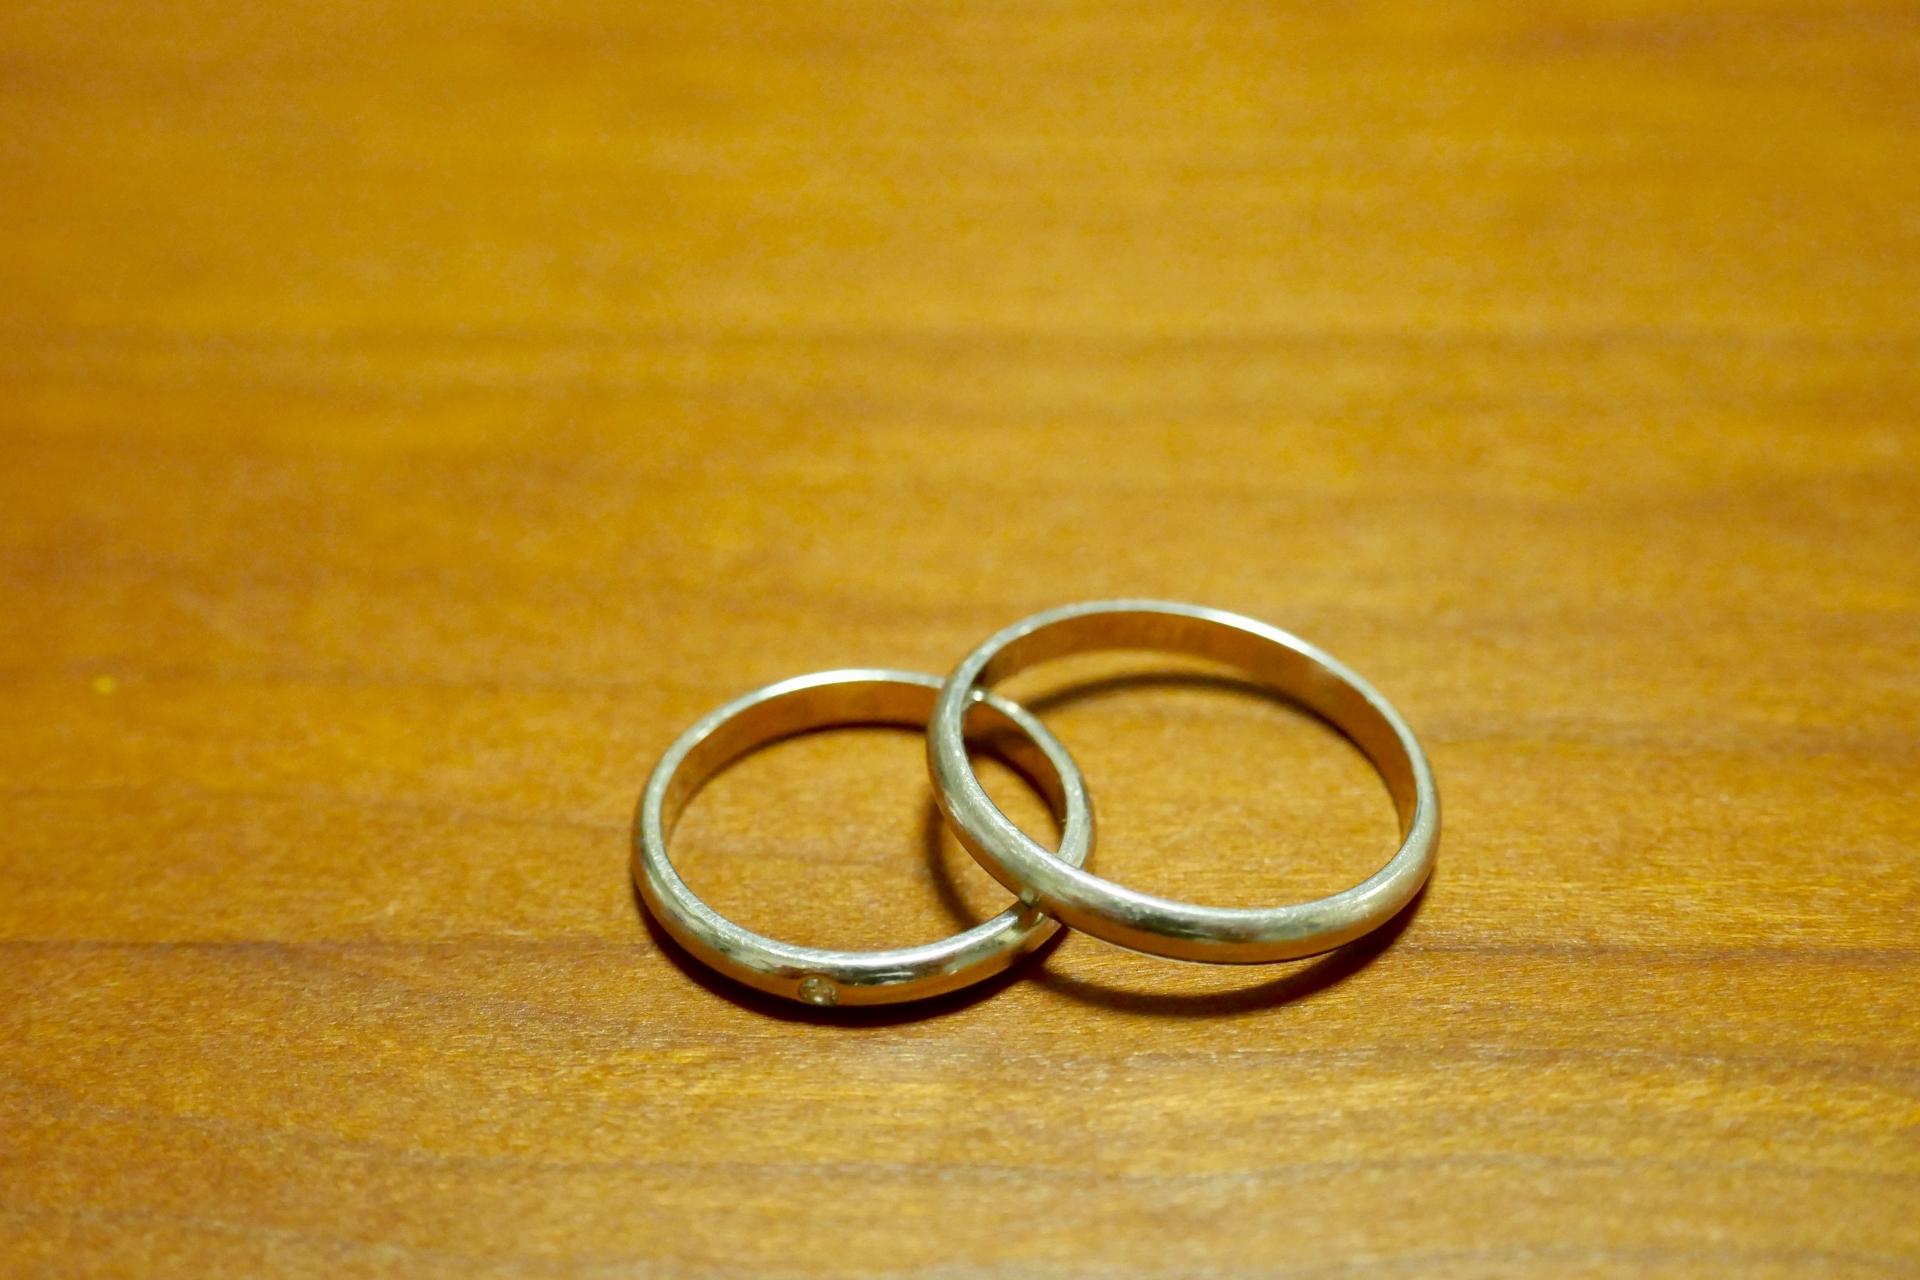 三重県探偵ブログ 夫の浮気問題。あなたは「離婚」を選びますか?